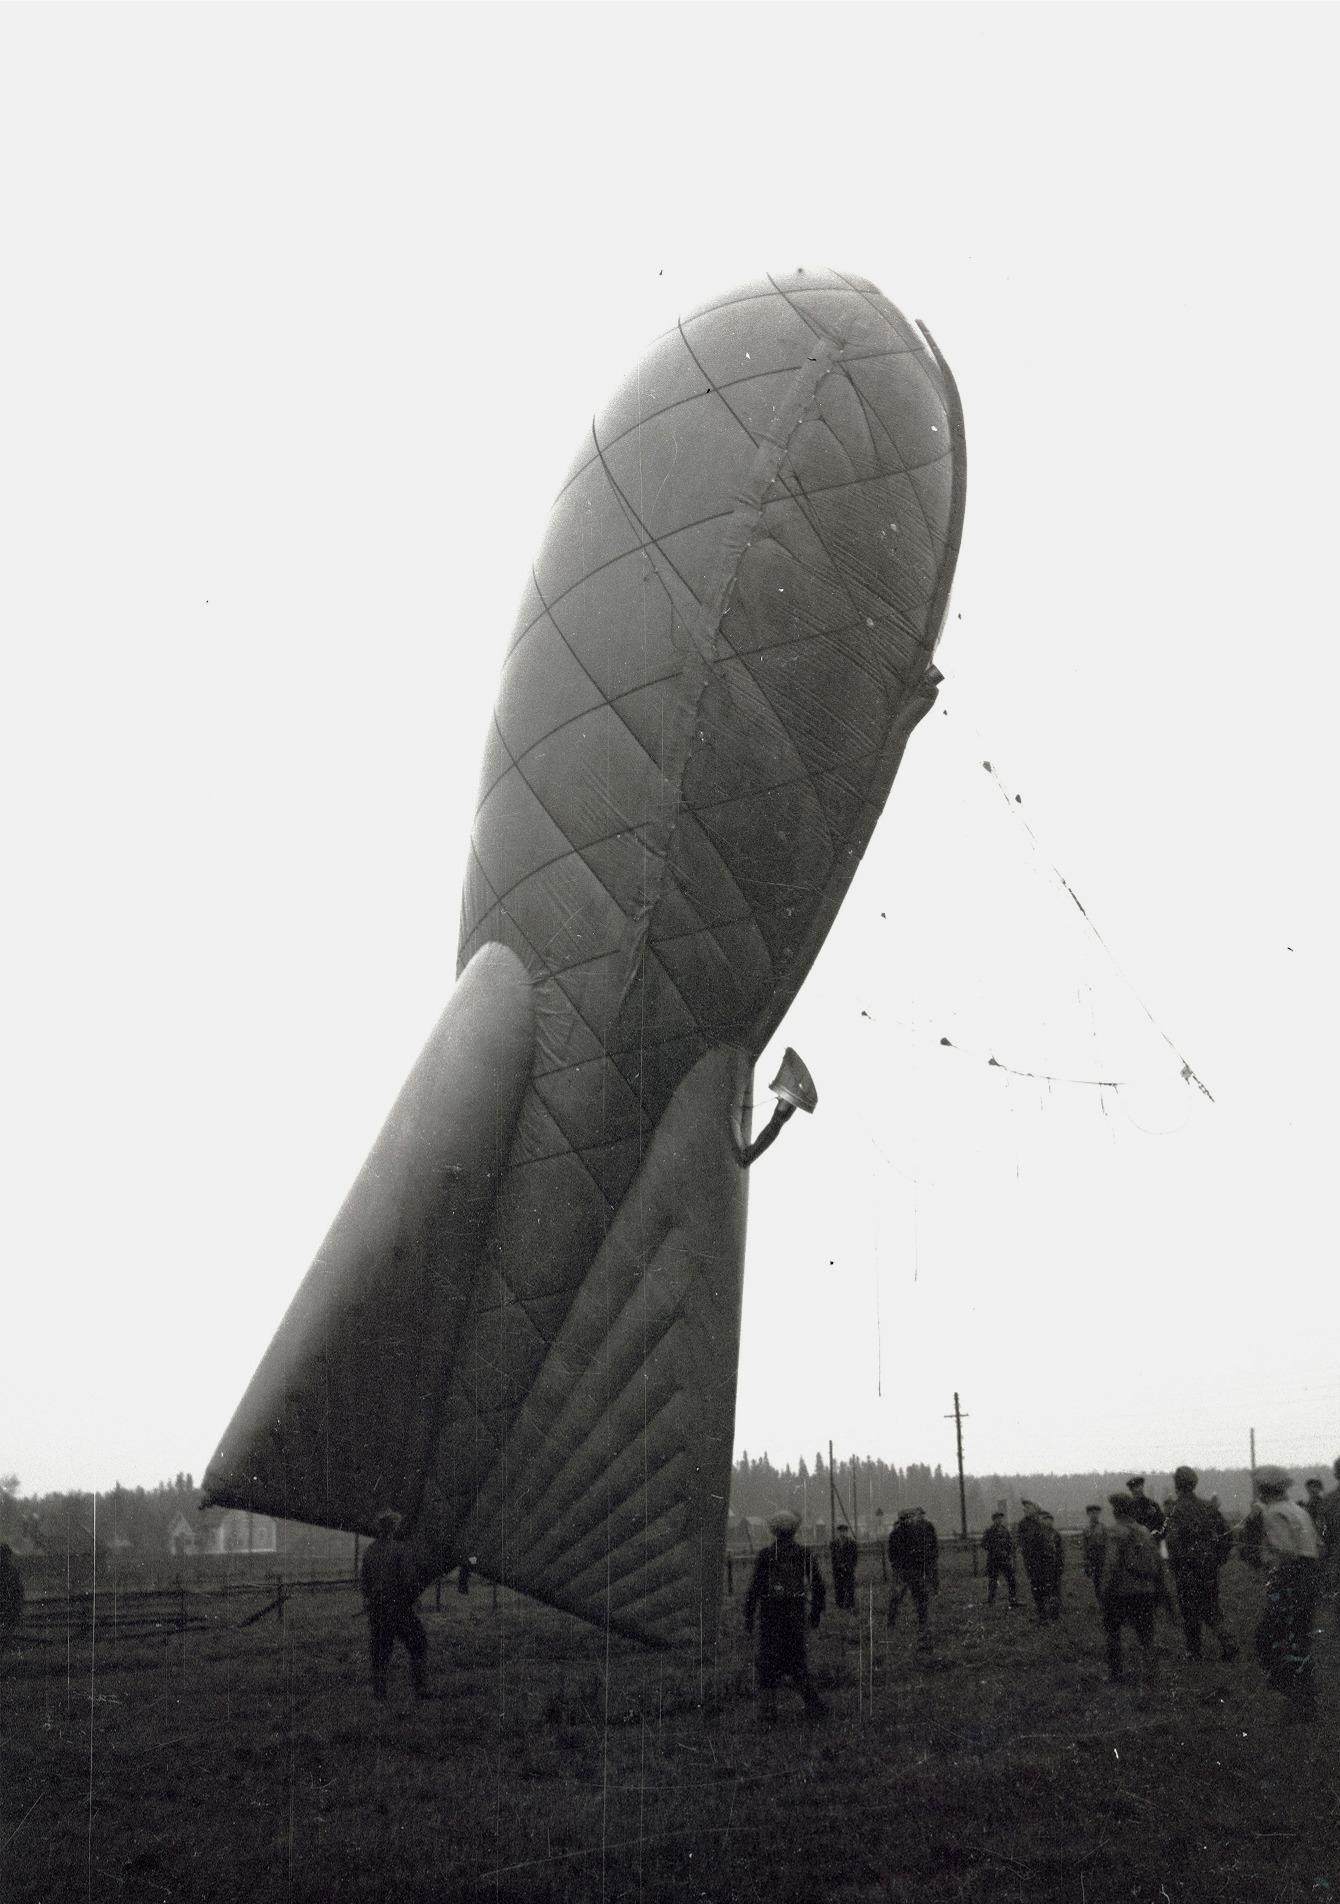 Denna engelska spärrballong som slitit sig och efter en lång färd fastnade i en telefonstolpe på Sandan väckte en stor uppmärksamhet i Lappfjärd. Spärrballonger användes under kriget i de stora städerna nere i Europa för att skydda dessa mot fientligt flyg.